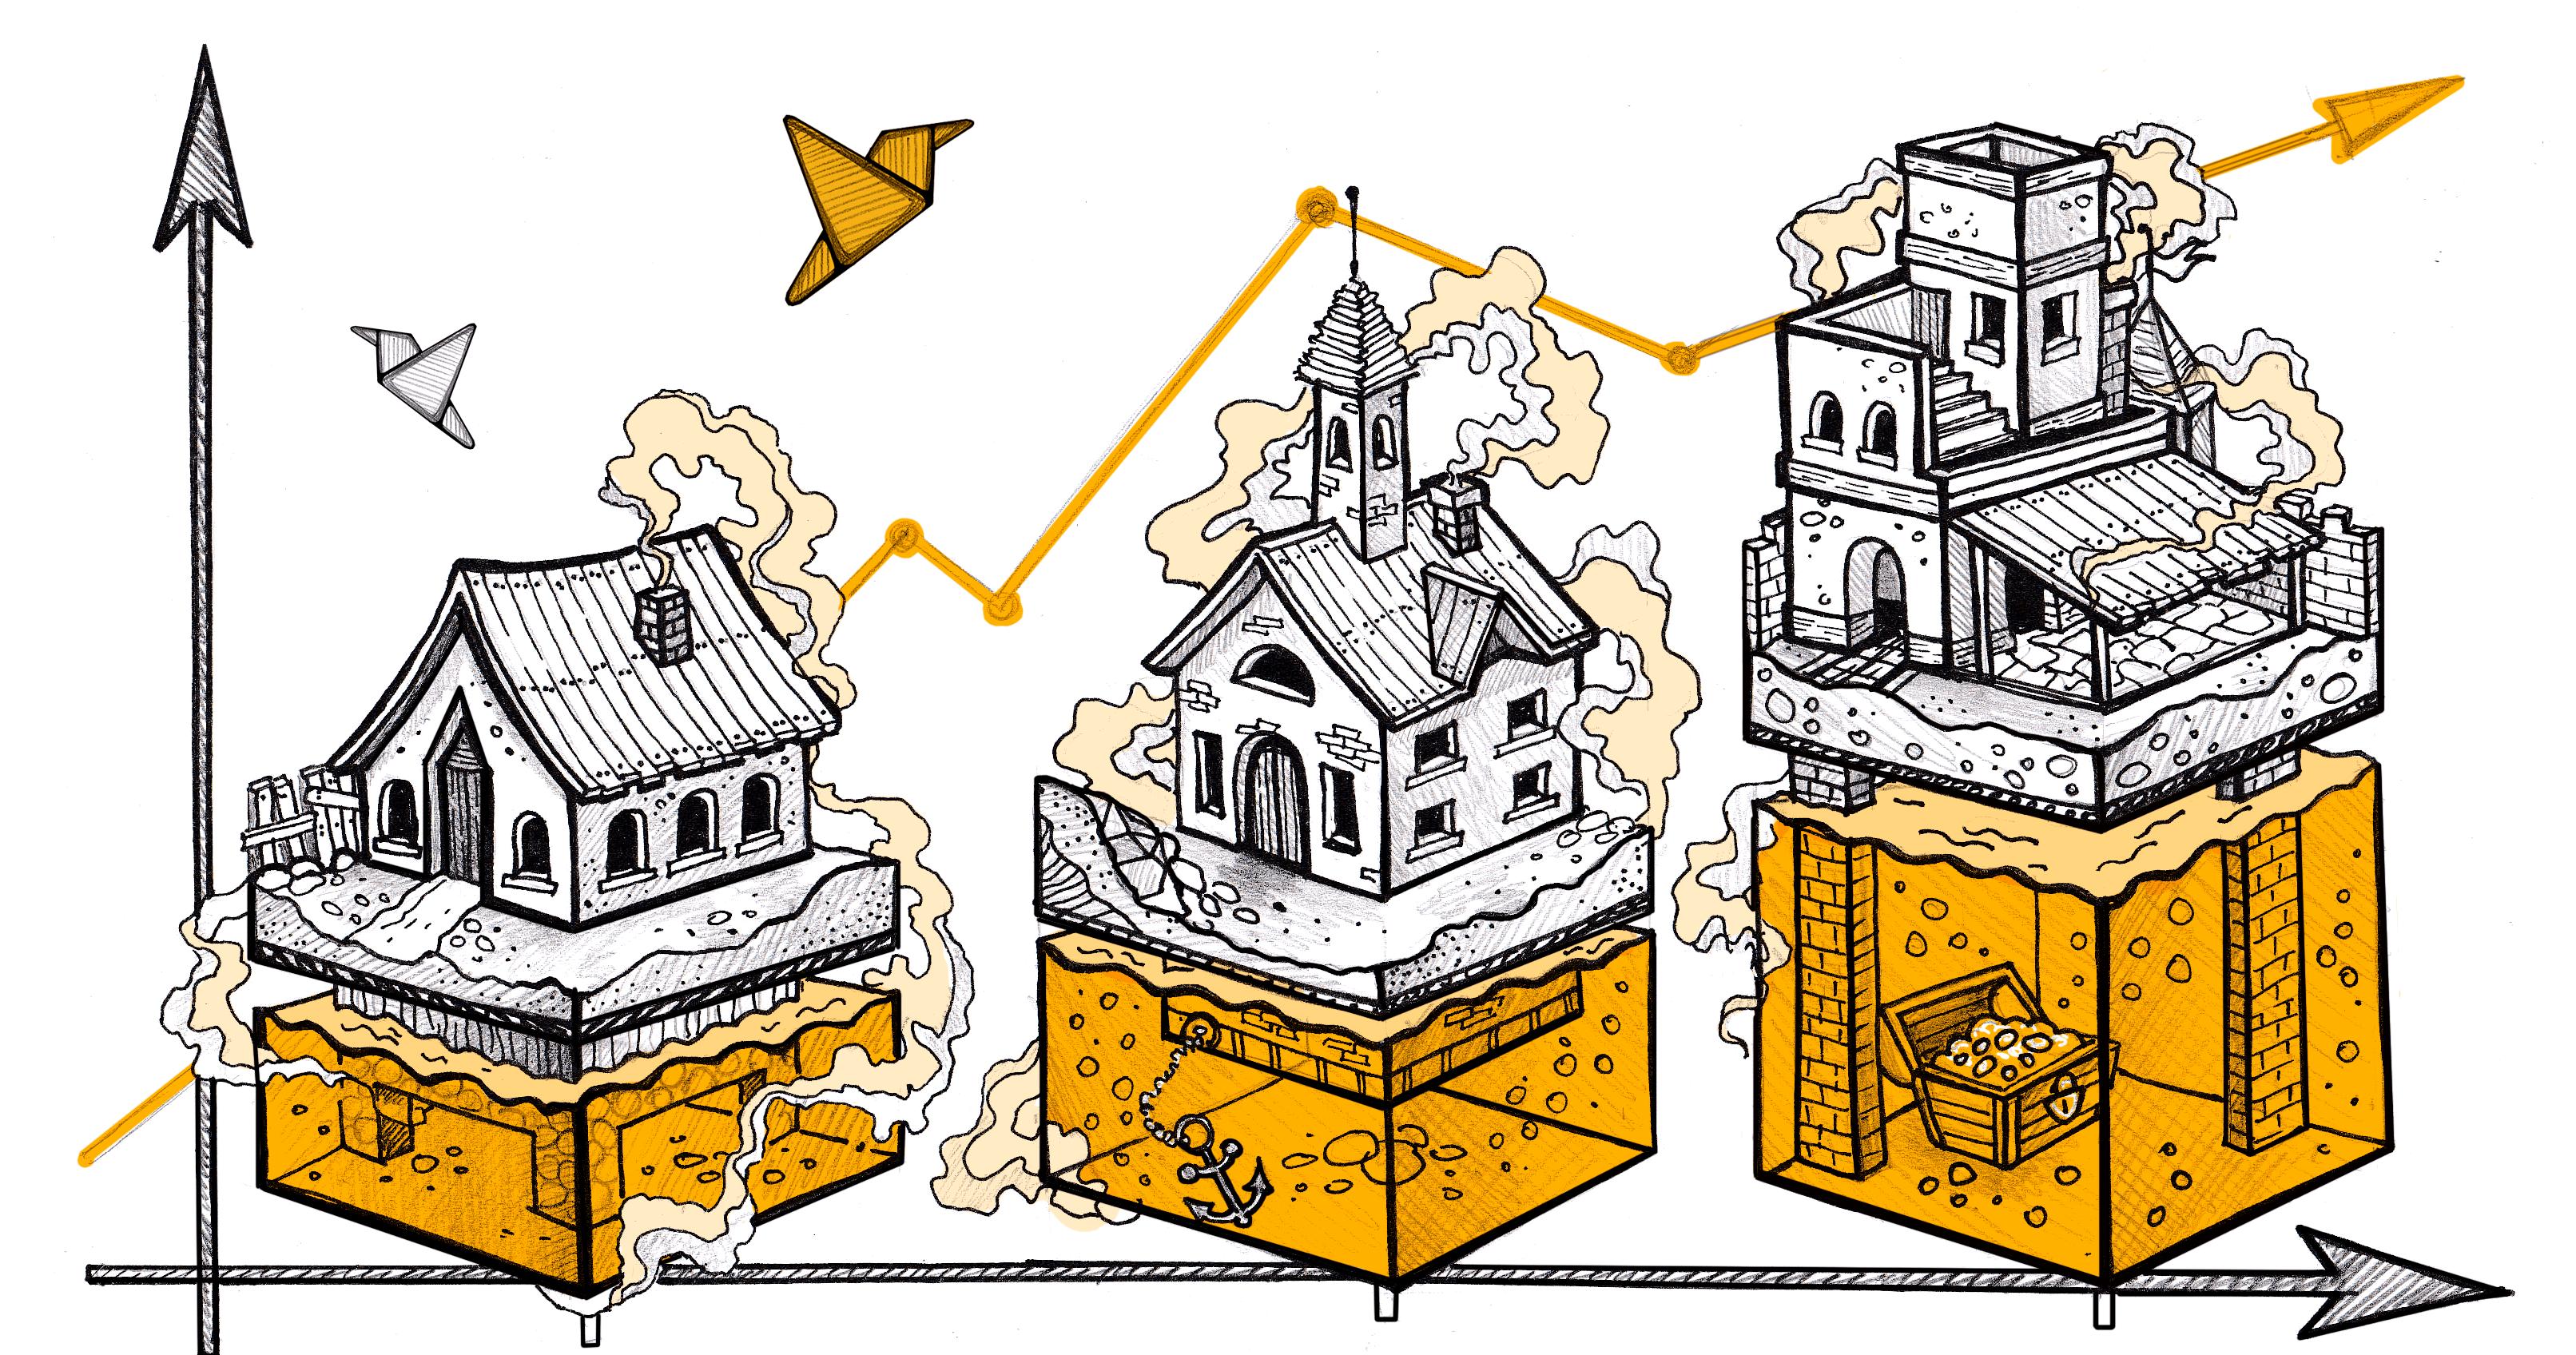 Продвижение сайтов недвижимости в интернете, иллюстрация Callibri